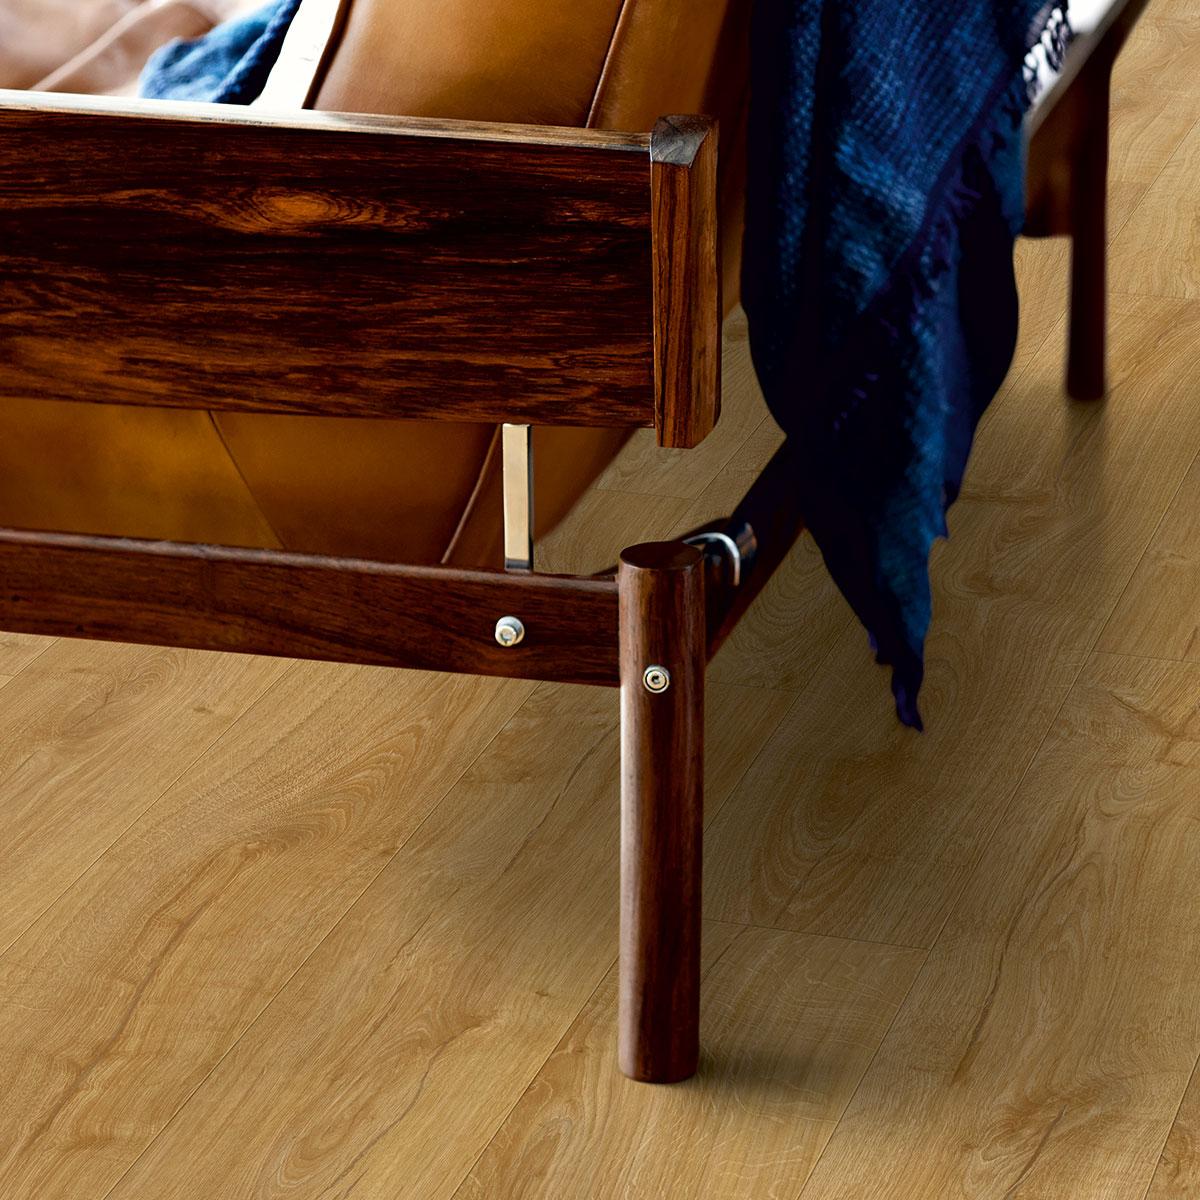 Laminatgolv Pergo Modern Plank 4v Herrgårdsek 1-Stav